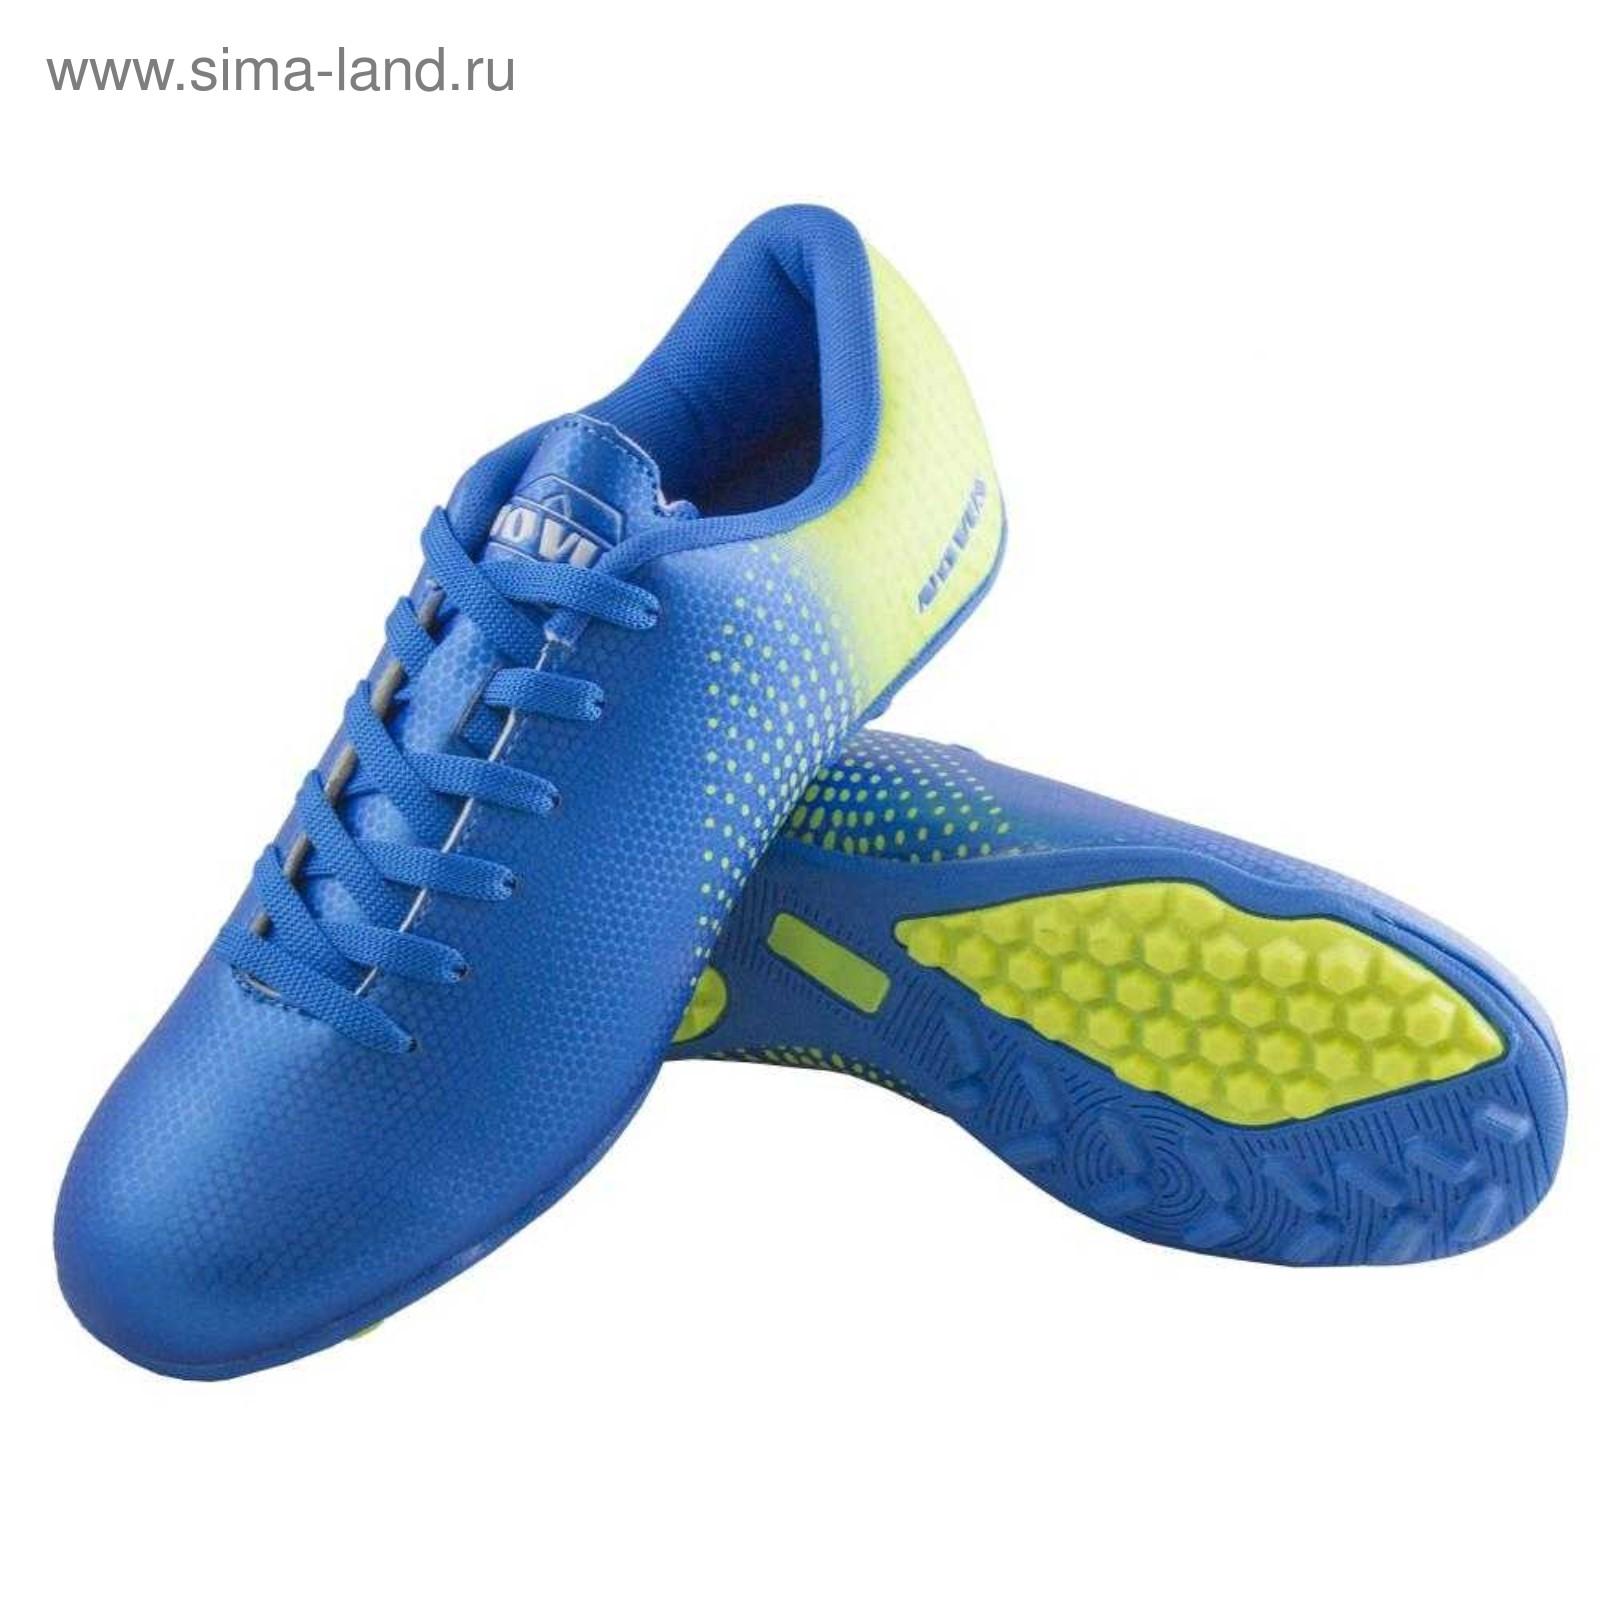 6a8bf3073e70 Футбольные бутсы Novus, цвет голубой, размер 30 (3843771) - Купить ...